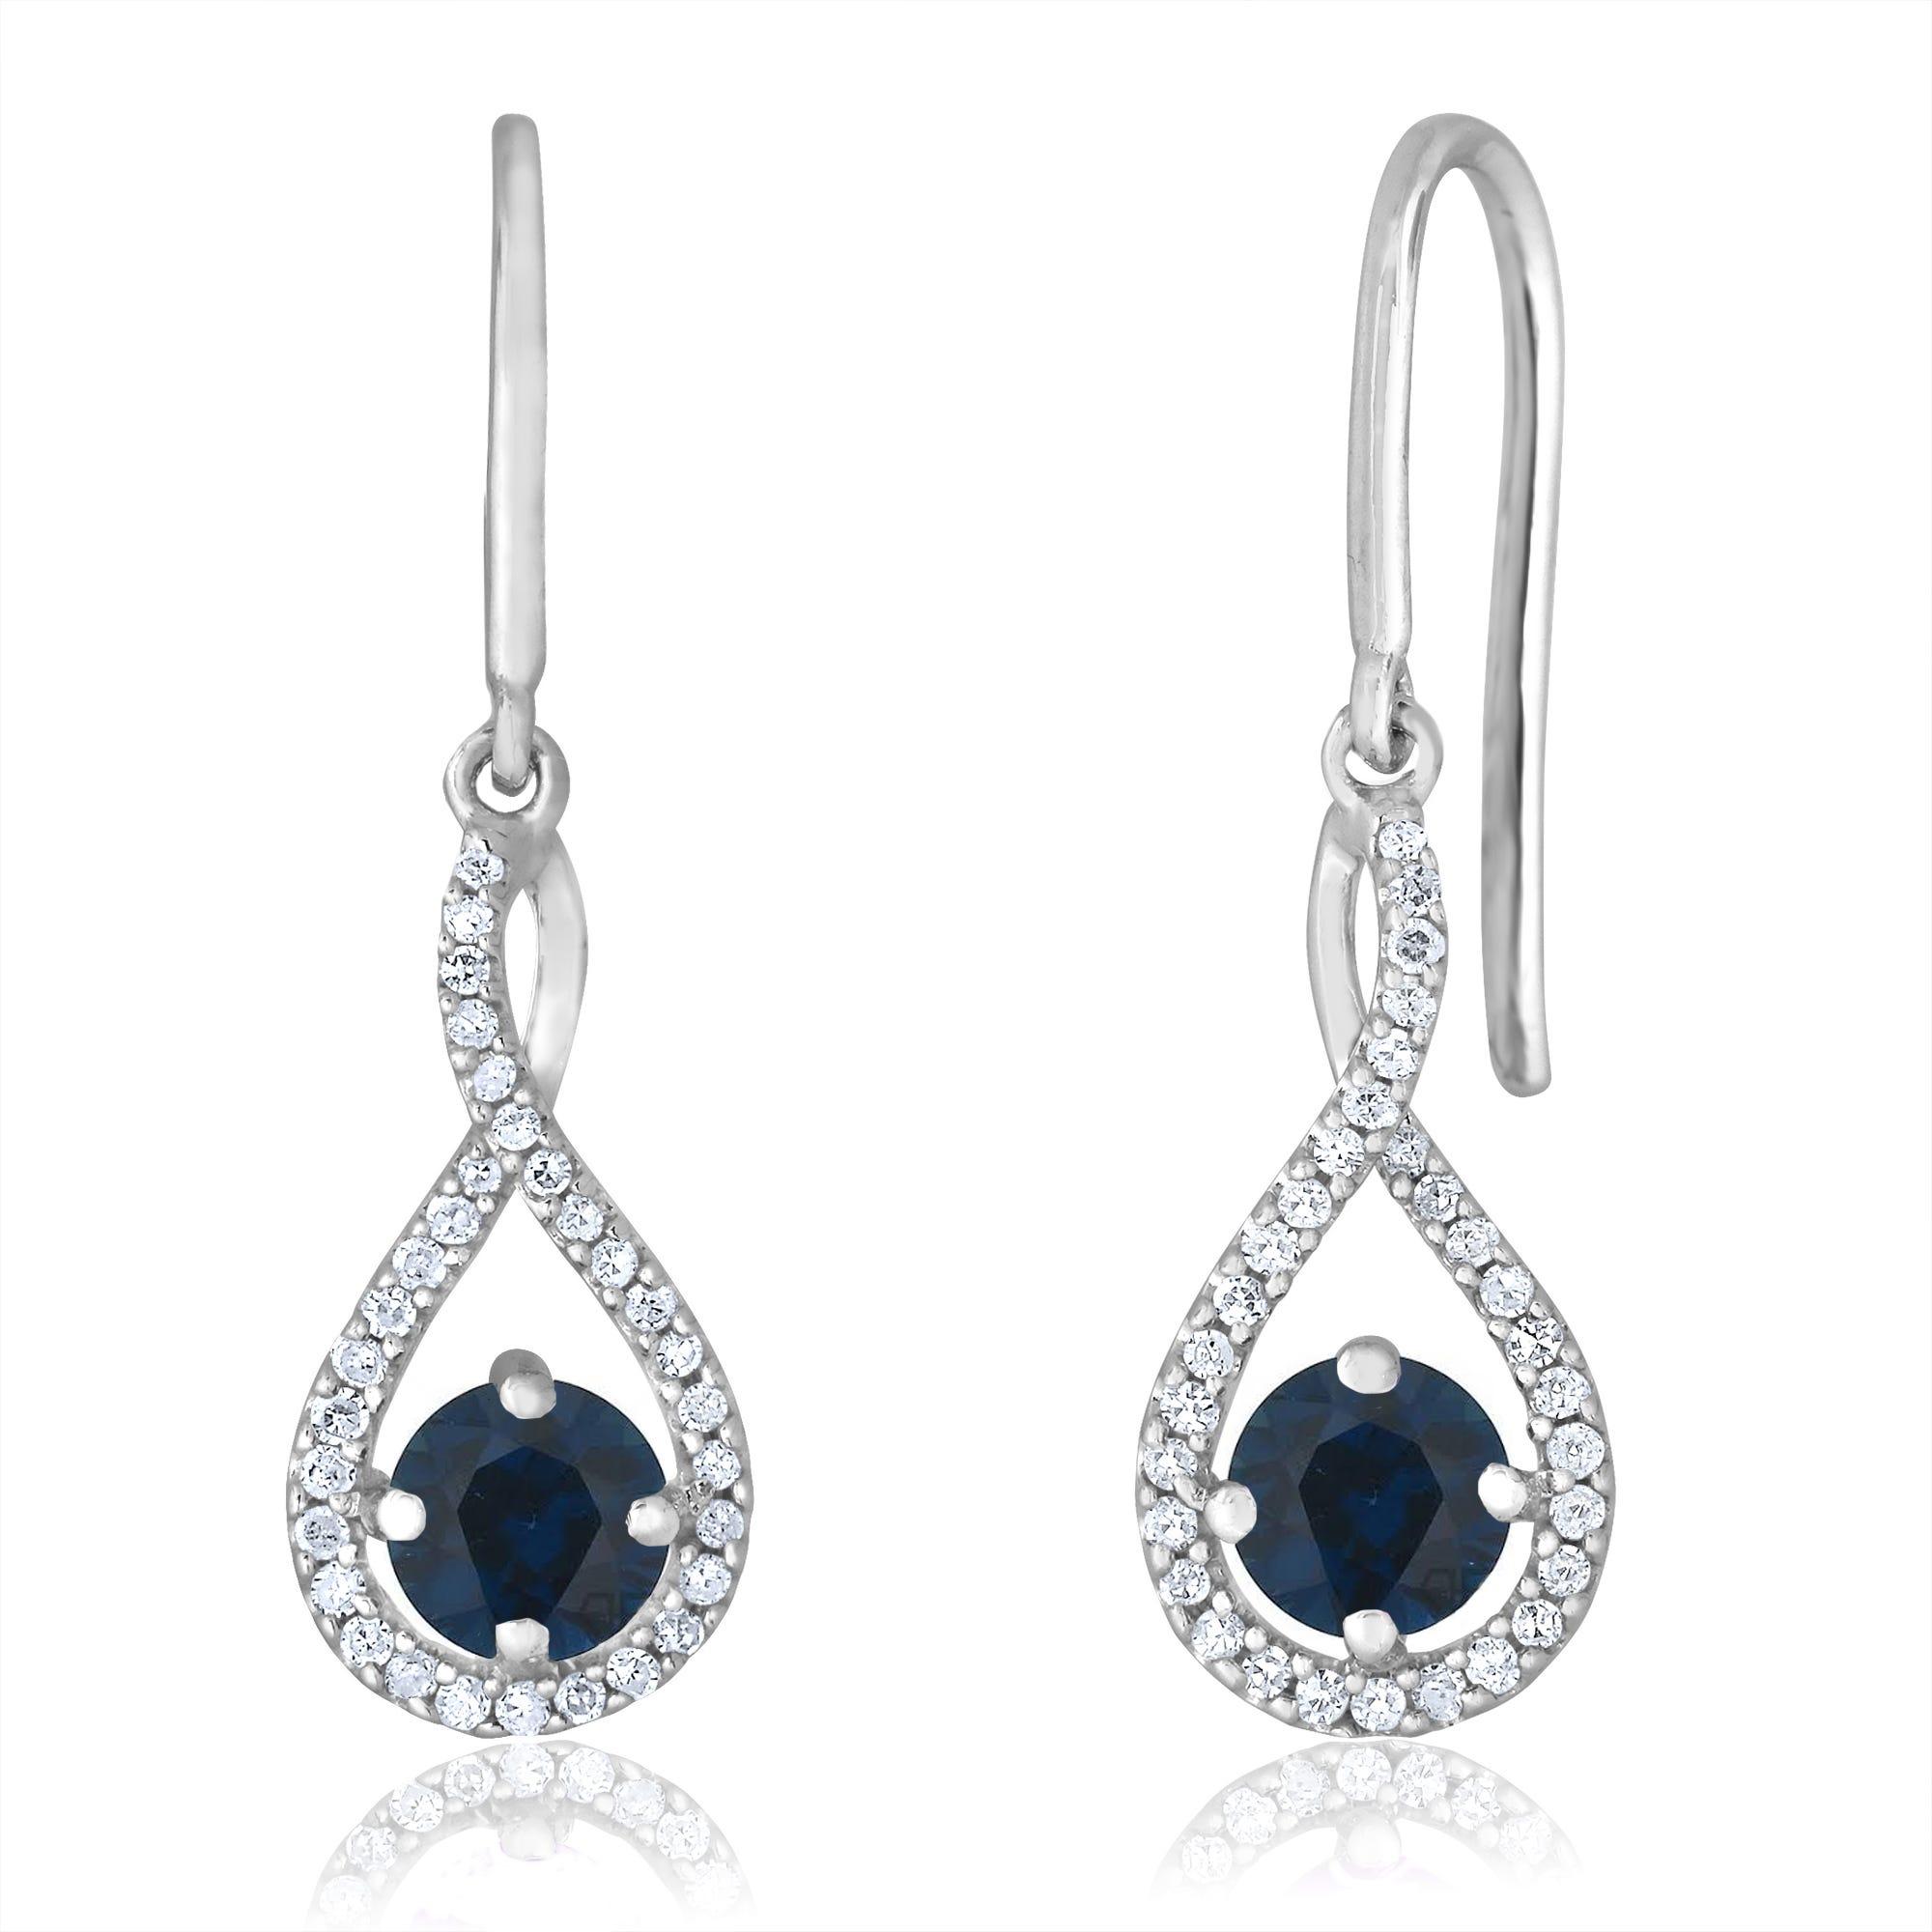 Sapphire Twist Dangle Infinity Diamond Earrings in Sterling Silver